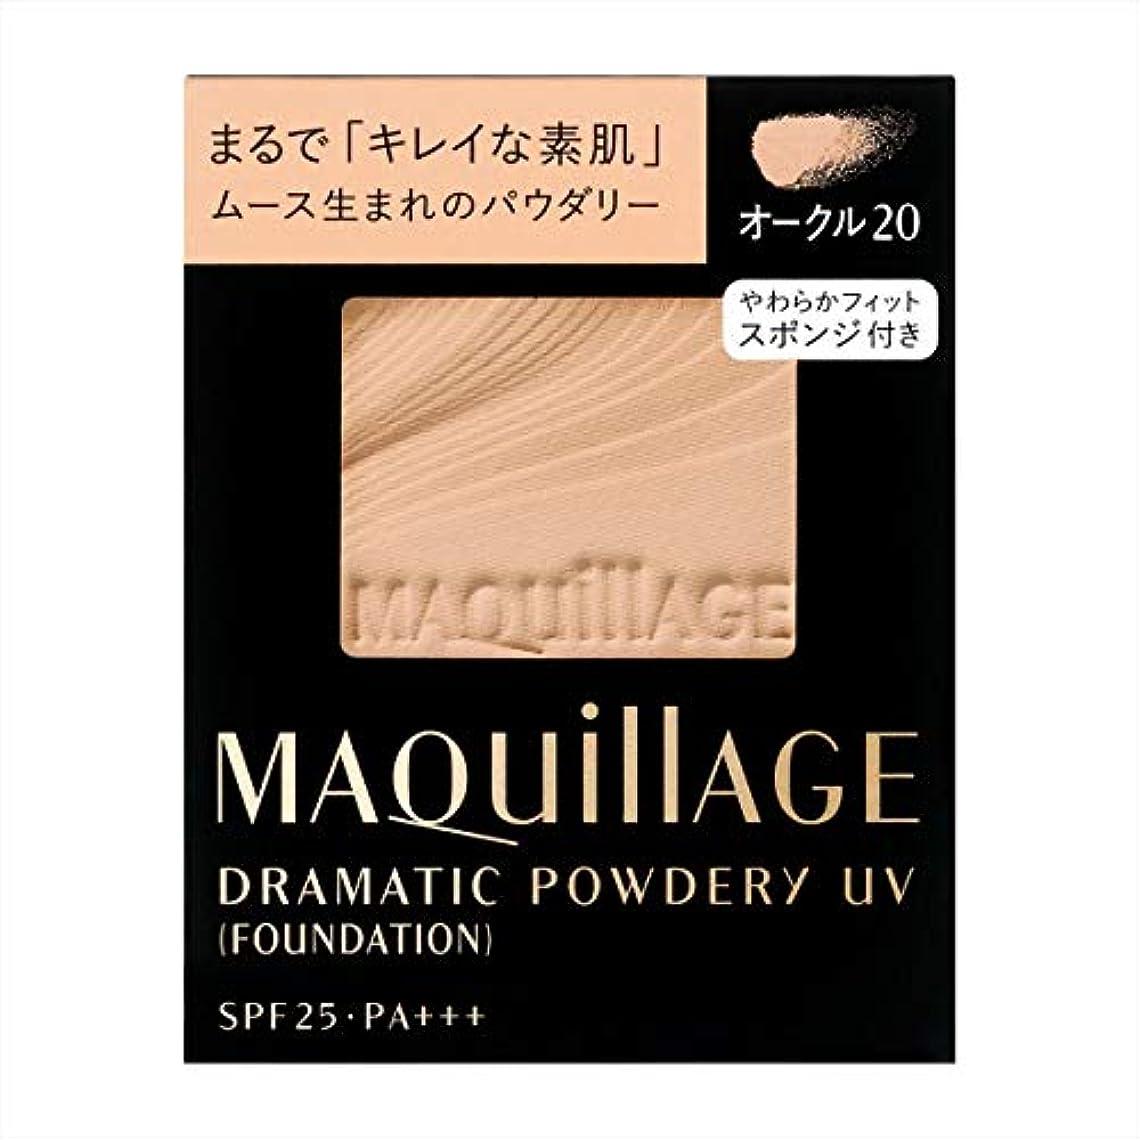 土シャープ明日資生堂 マキアージュ ドラマティックパウダリー UV (レフィル) オークル20